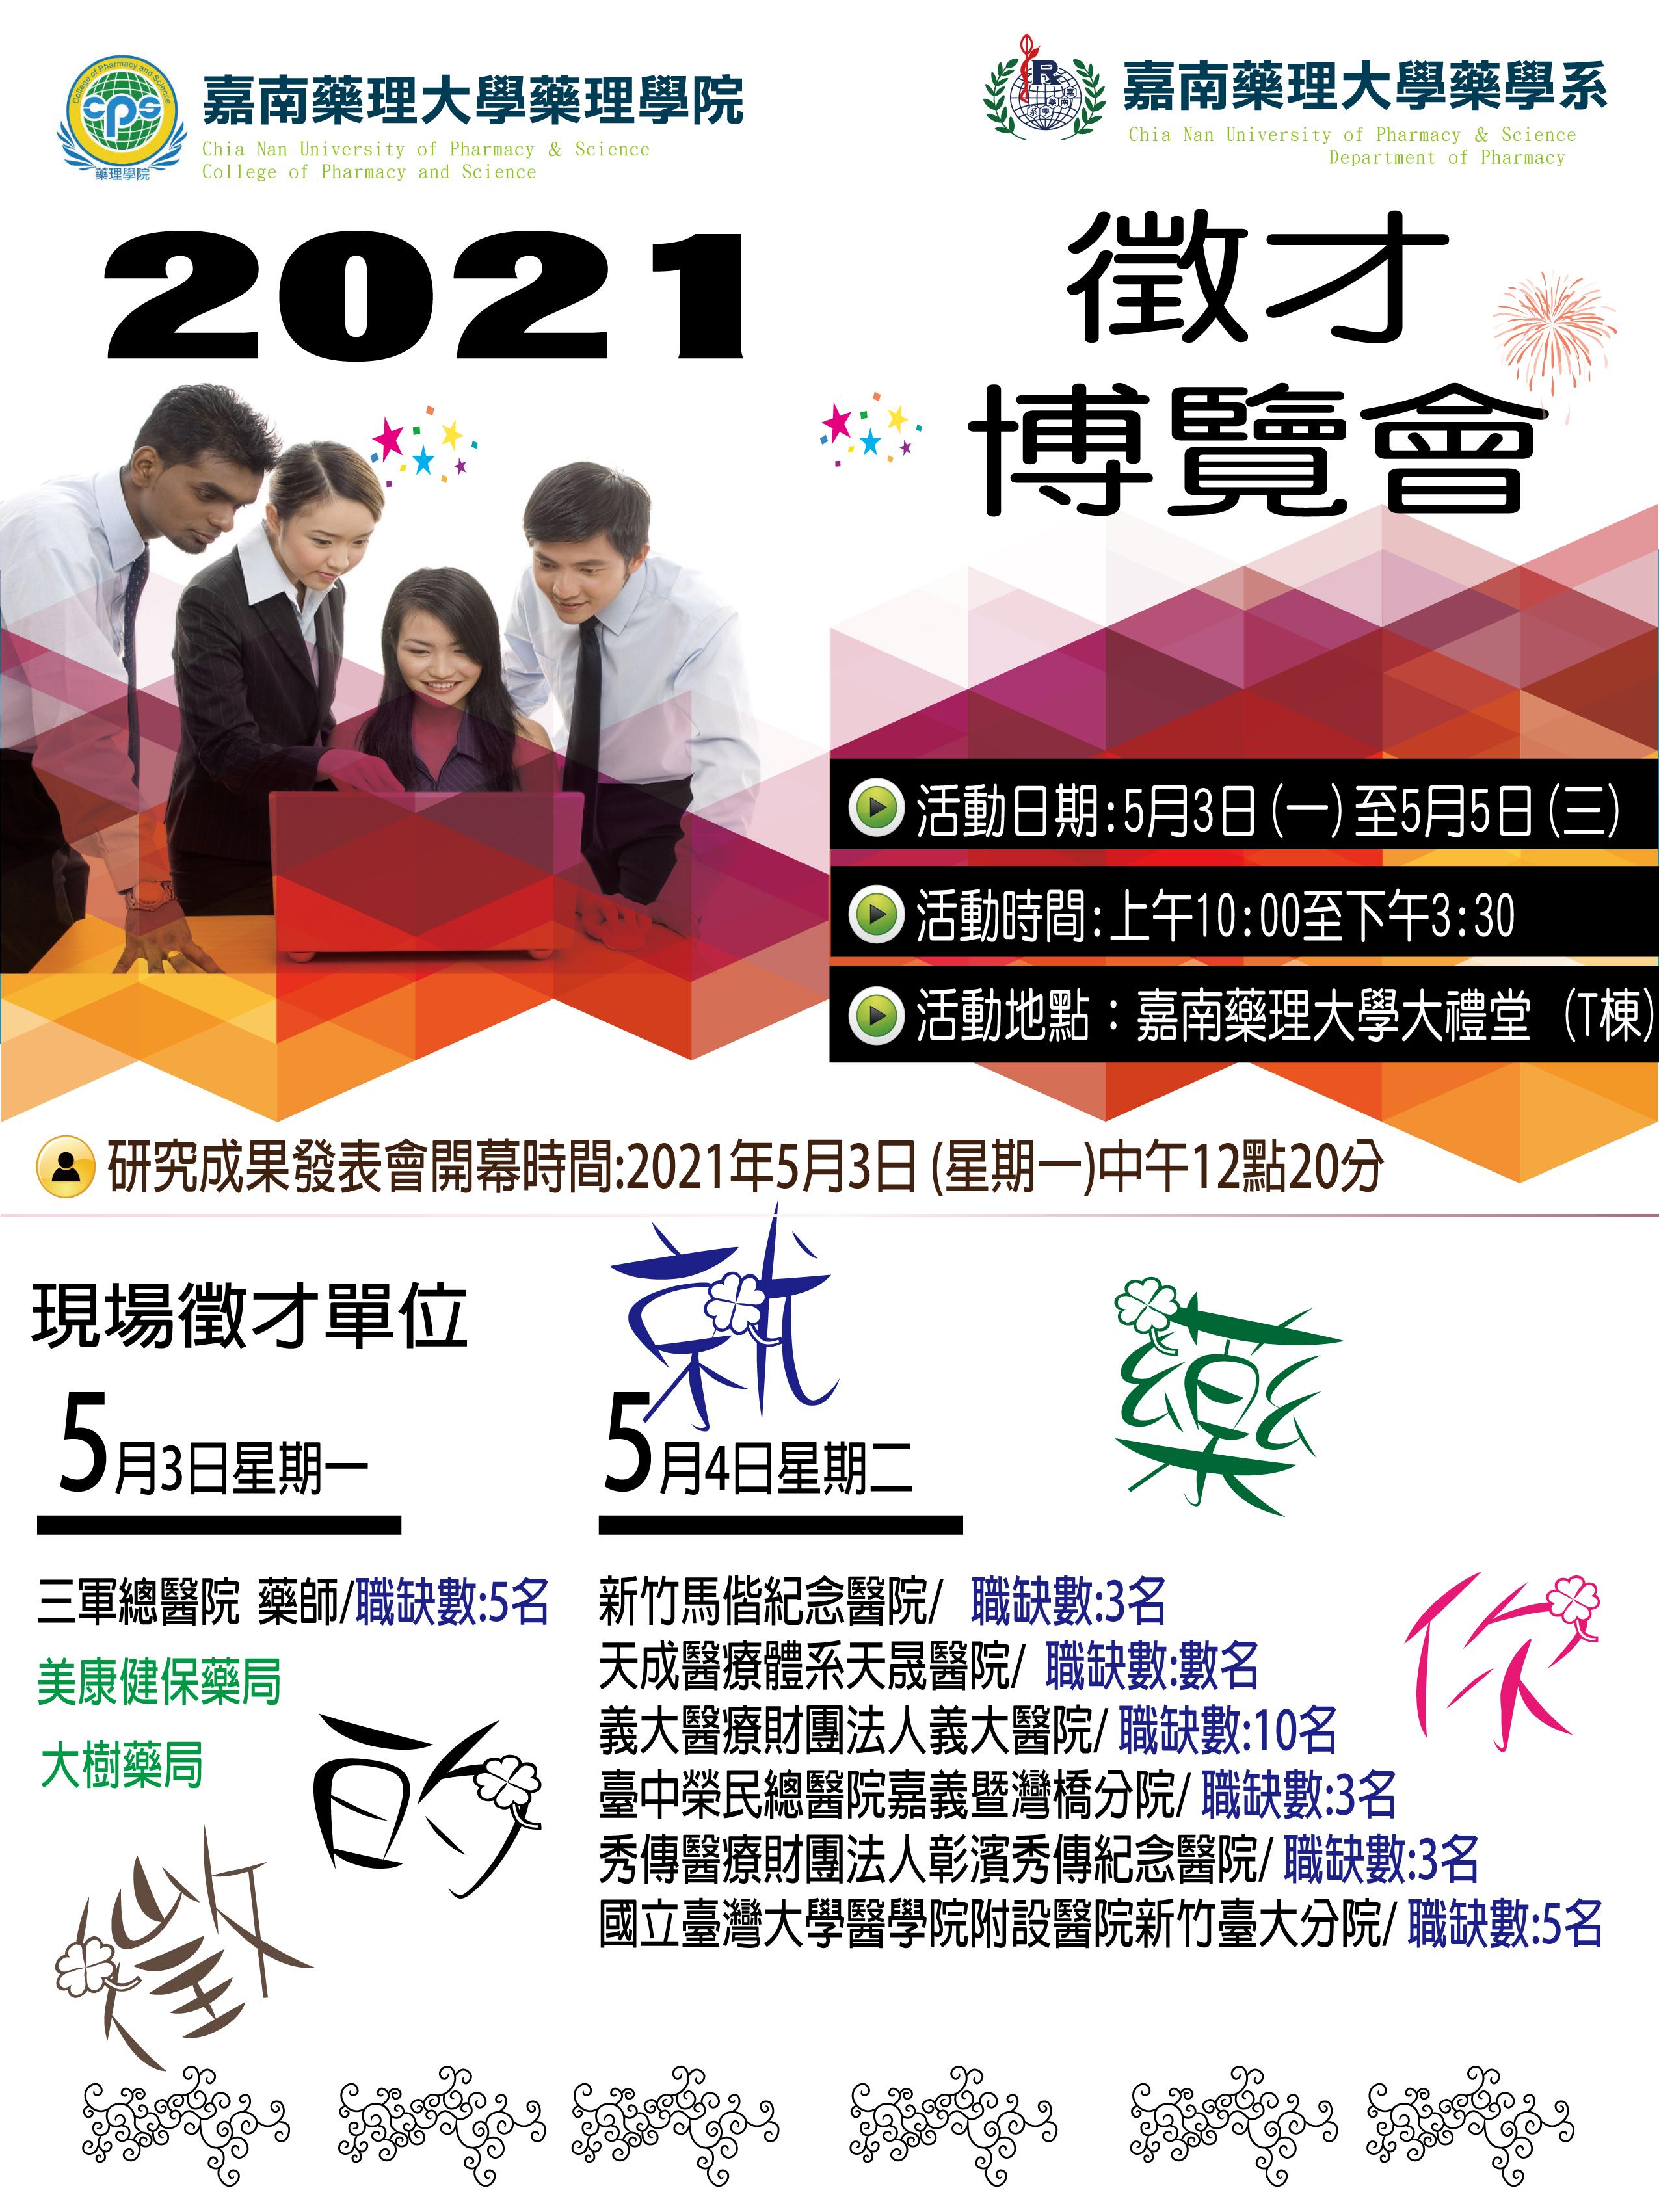 嘉南藥理大學藥學系2021現場徵才活動海報110-4-28